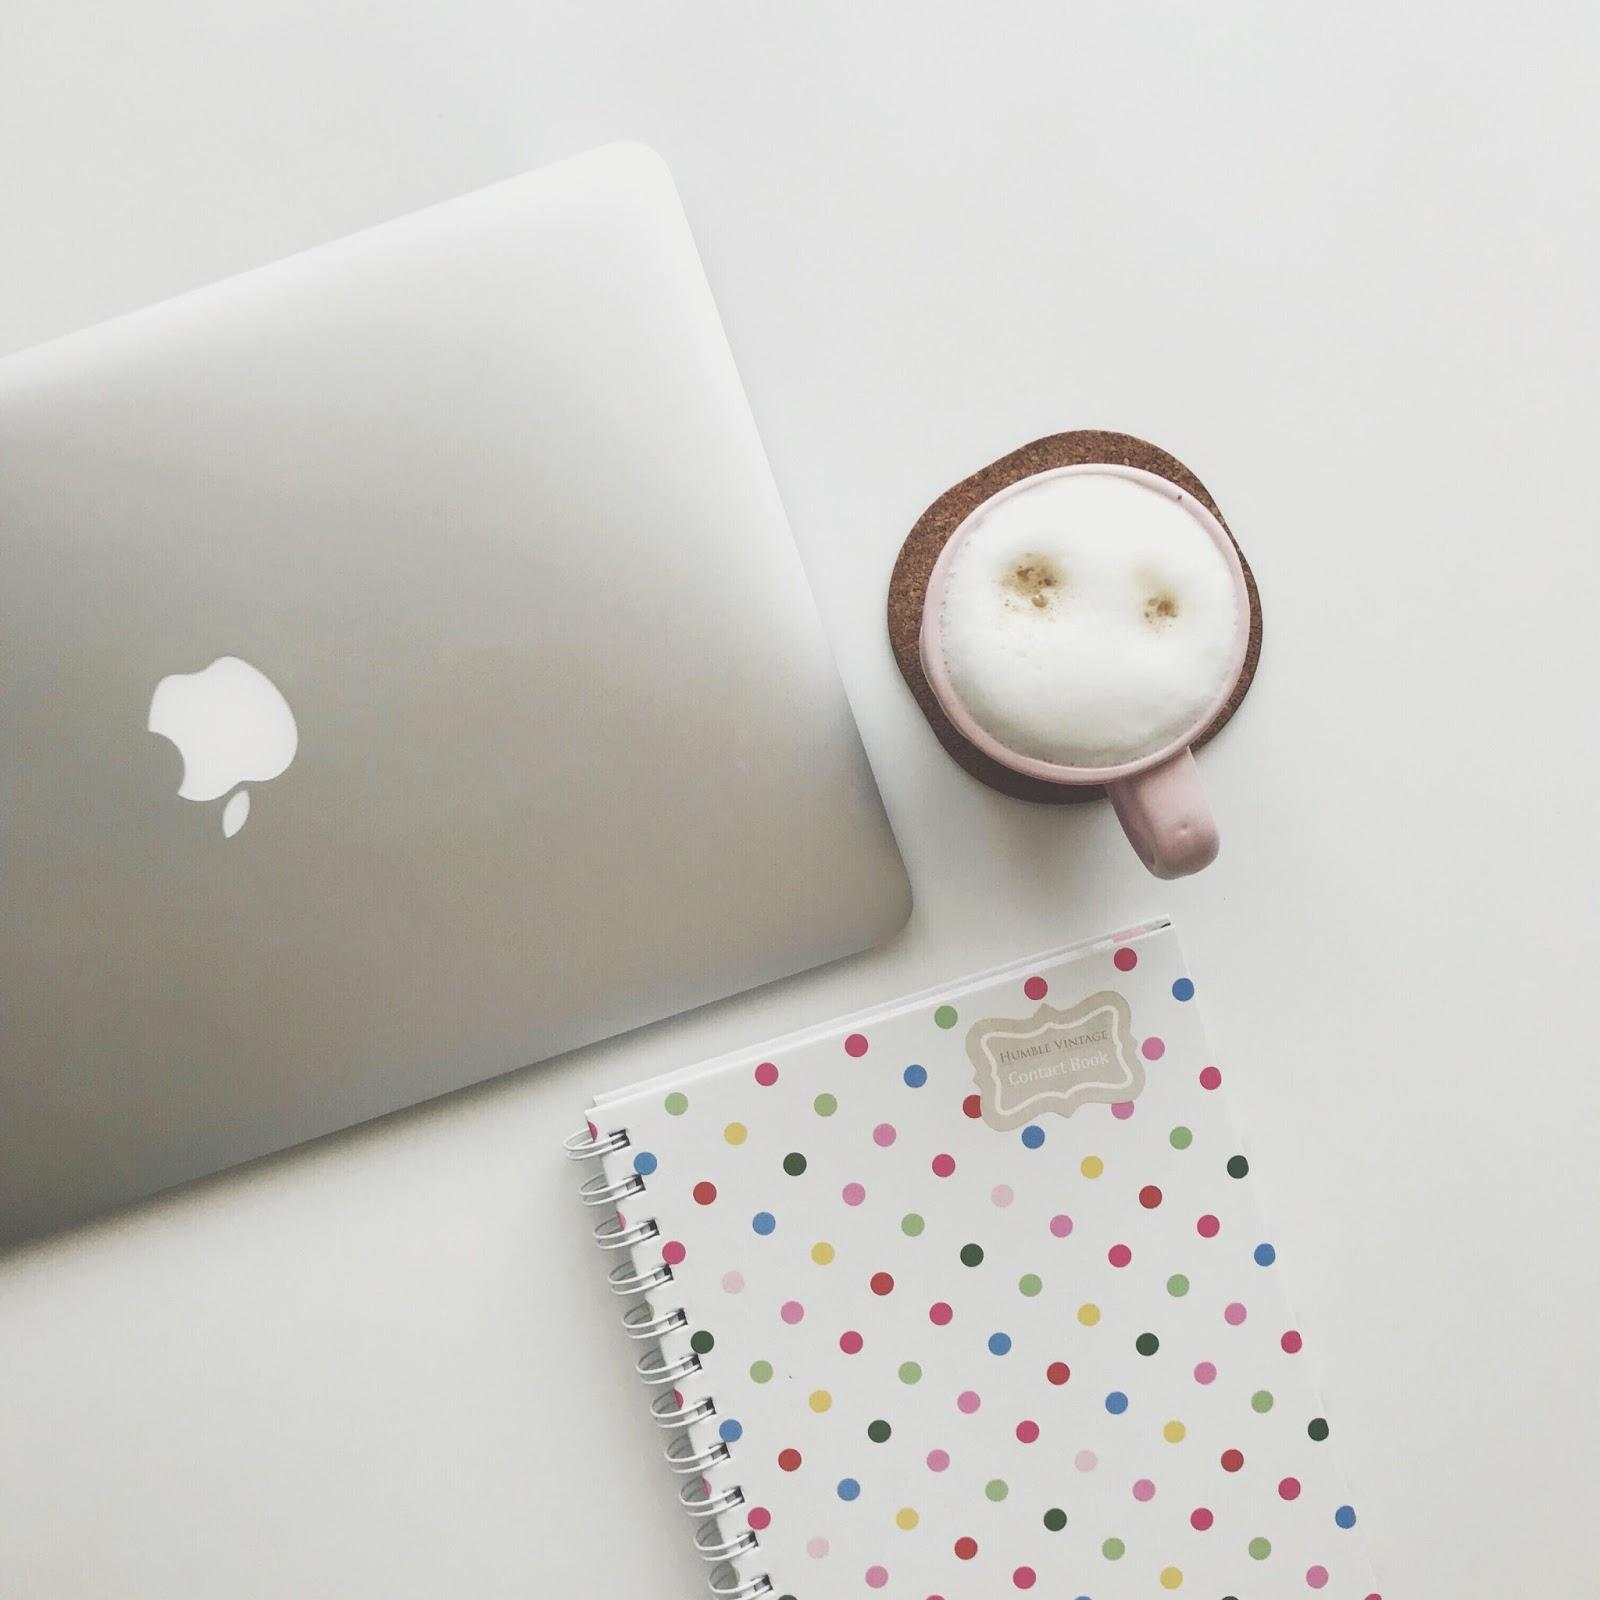 blogi które warto czytać